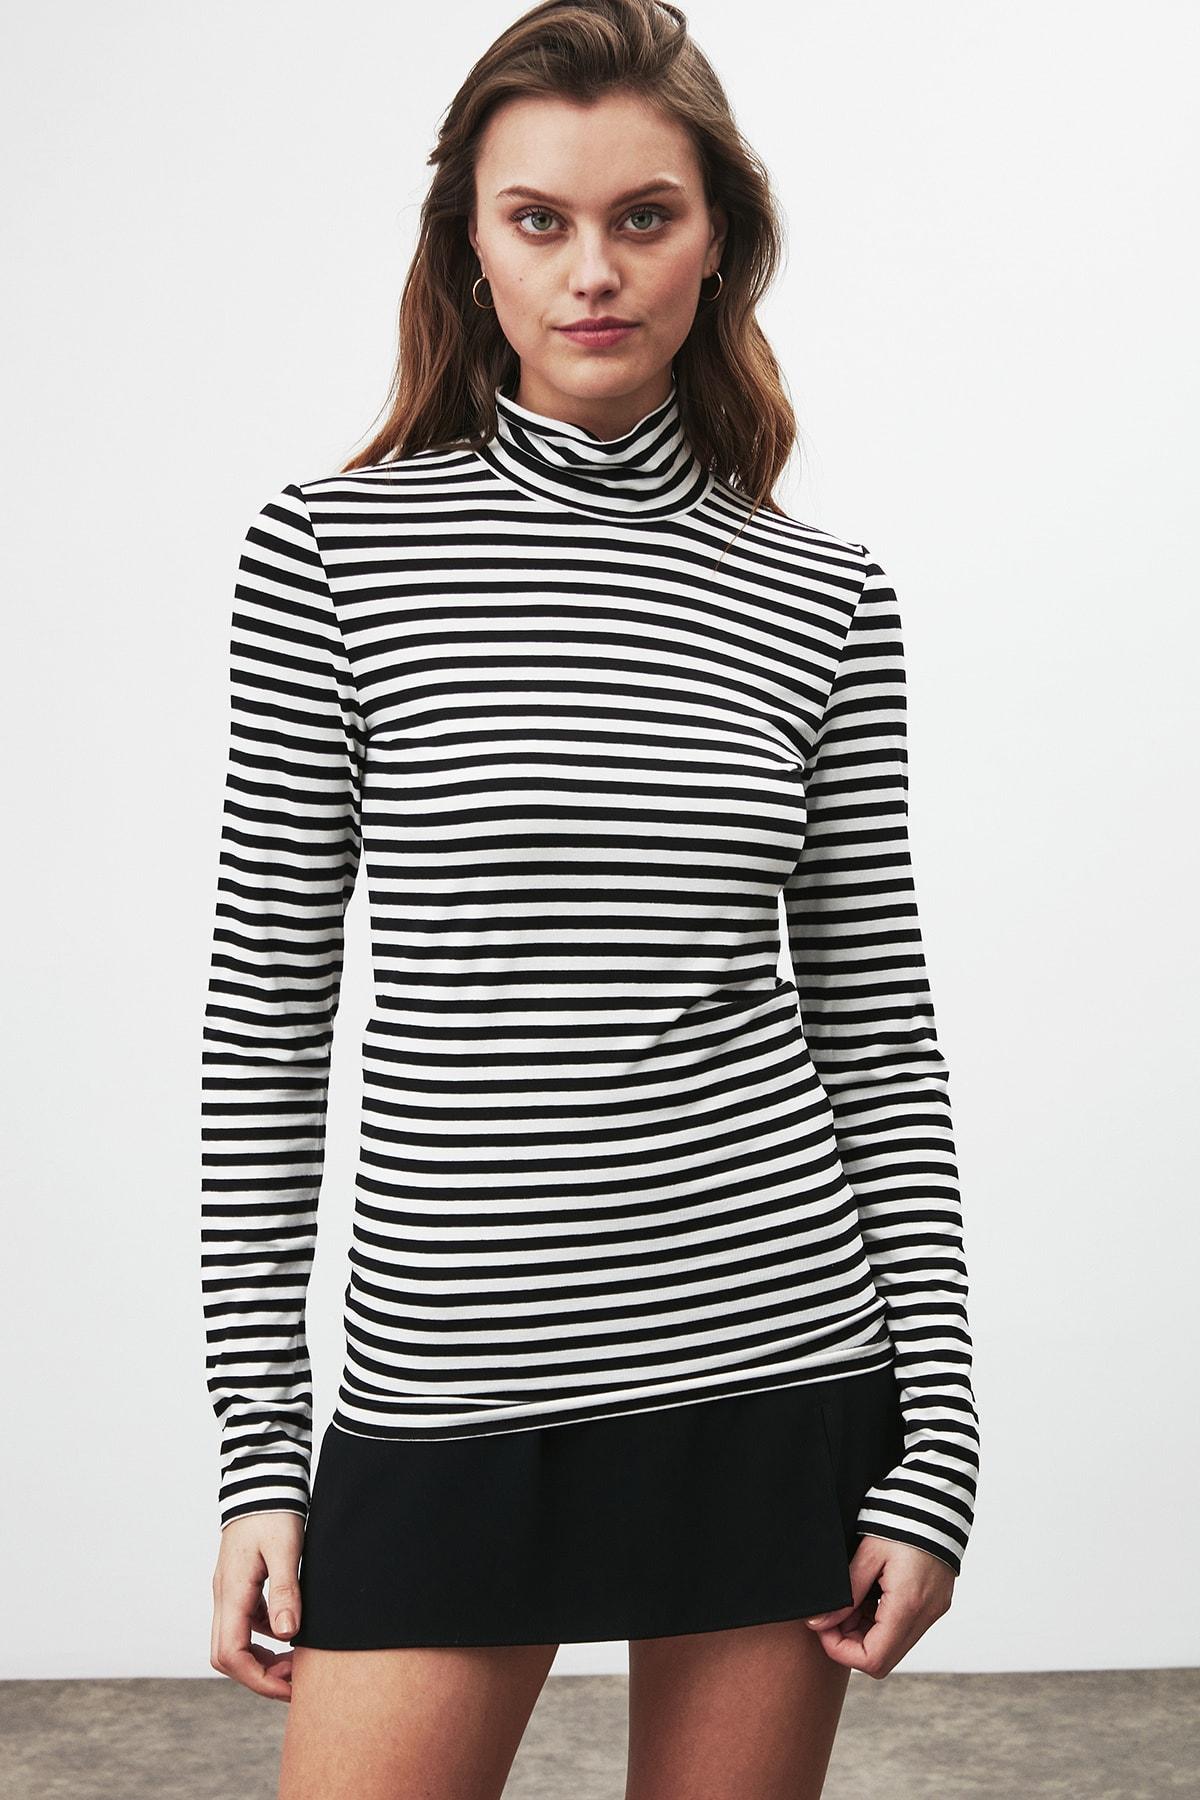 GRIMELANGE CAMILLA Kadın Siyah Beyaz Çizgili Desen Yarım Boğazlı Dar Kesim Bluz 3